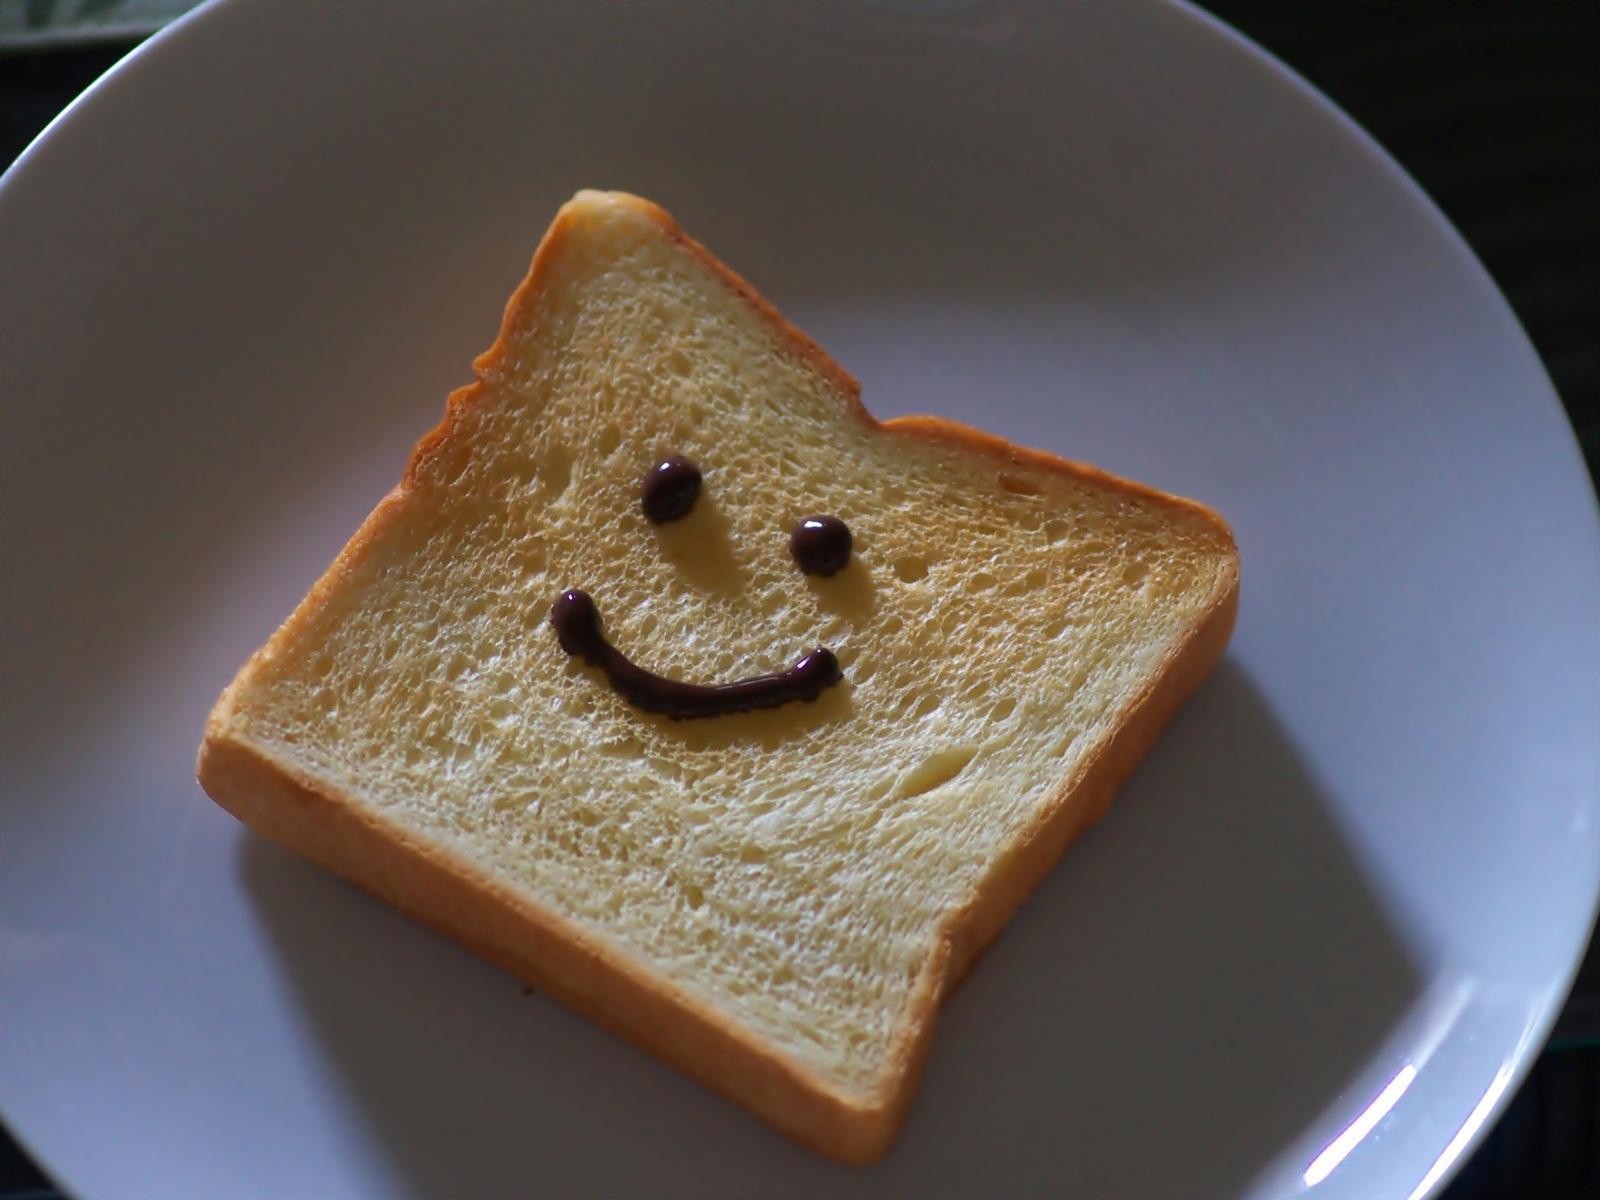 笑顔はすごい(^^)~穏やかで優しい笑顔に宿るパワーとは~_b0298740_00084896.jpg